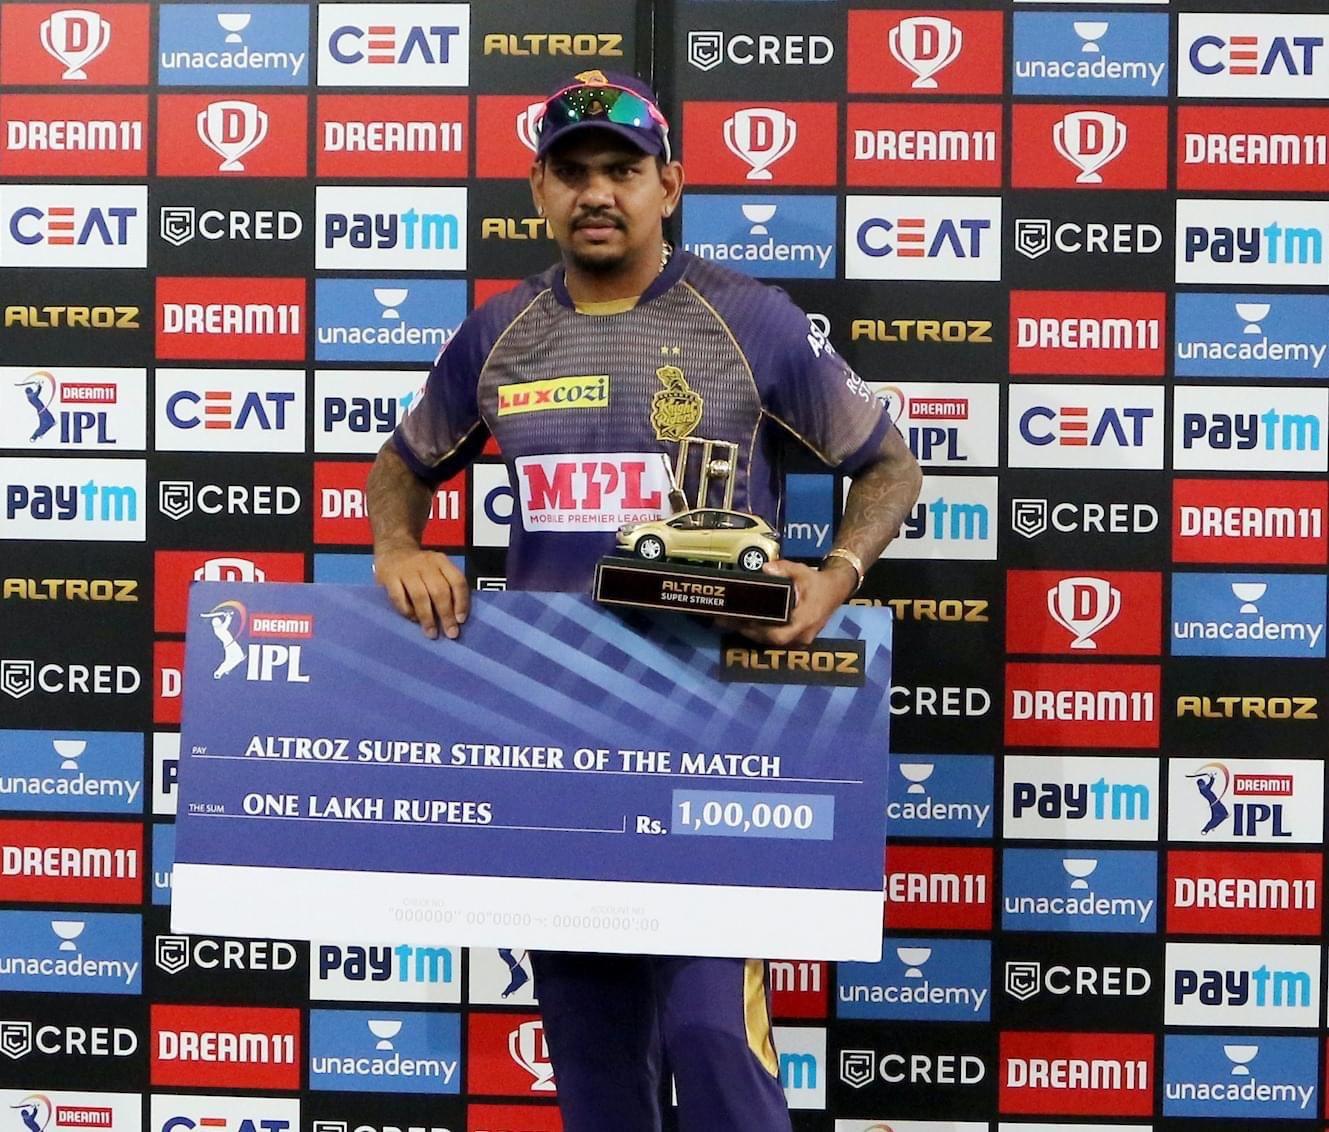 IPL Sunil Narine.JPG